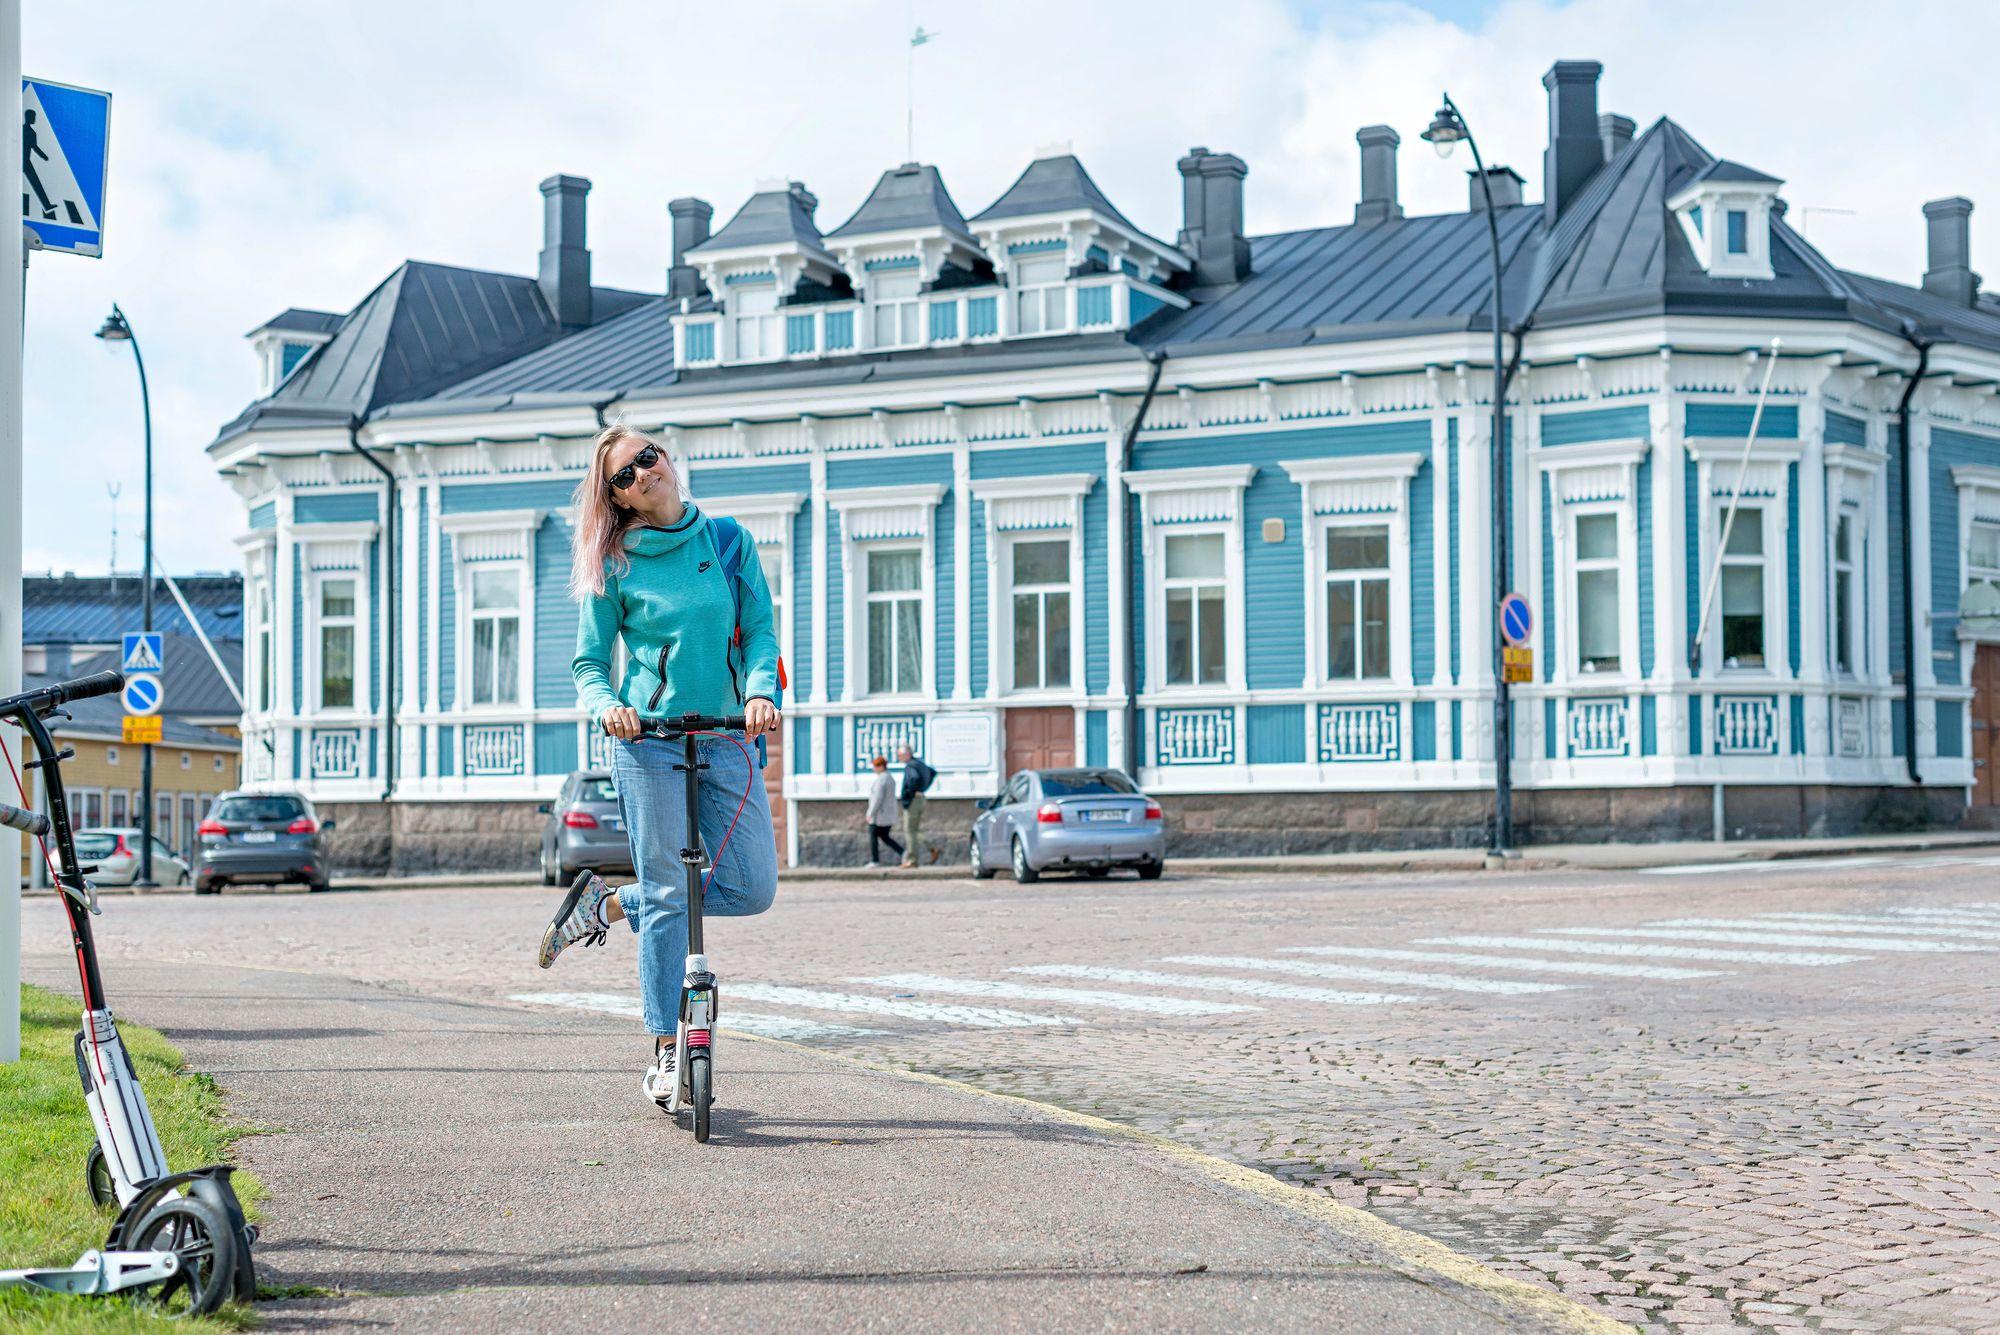 Tanelinkulman talo edustaa uusrenessanssista tyyliä. © Juulia Kivelä / Visit Hamina